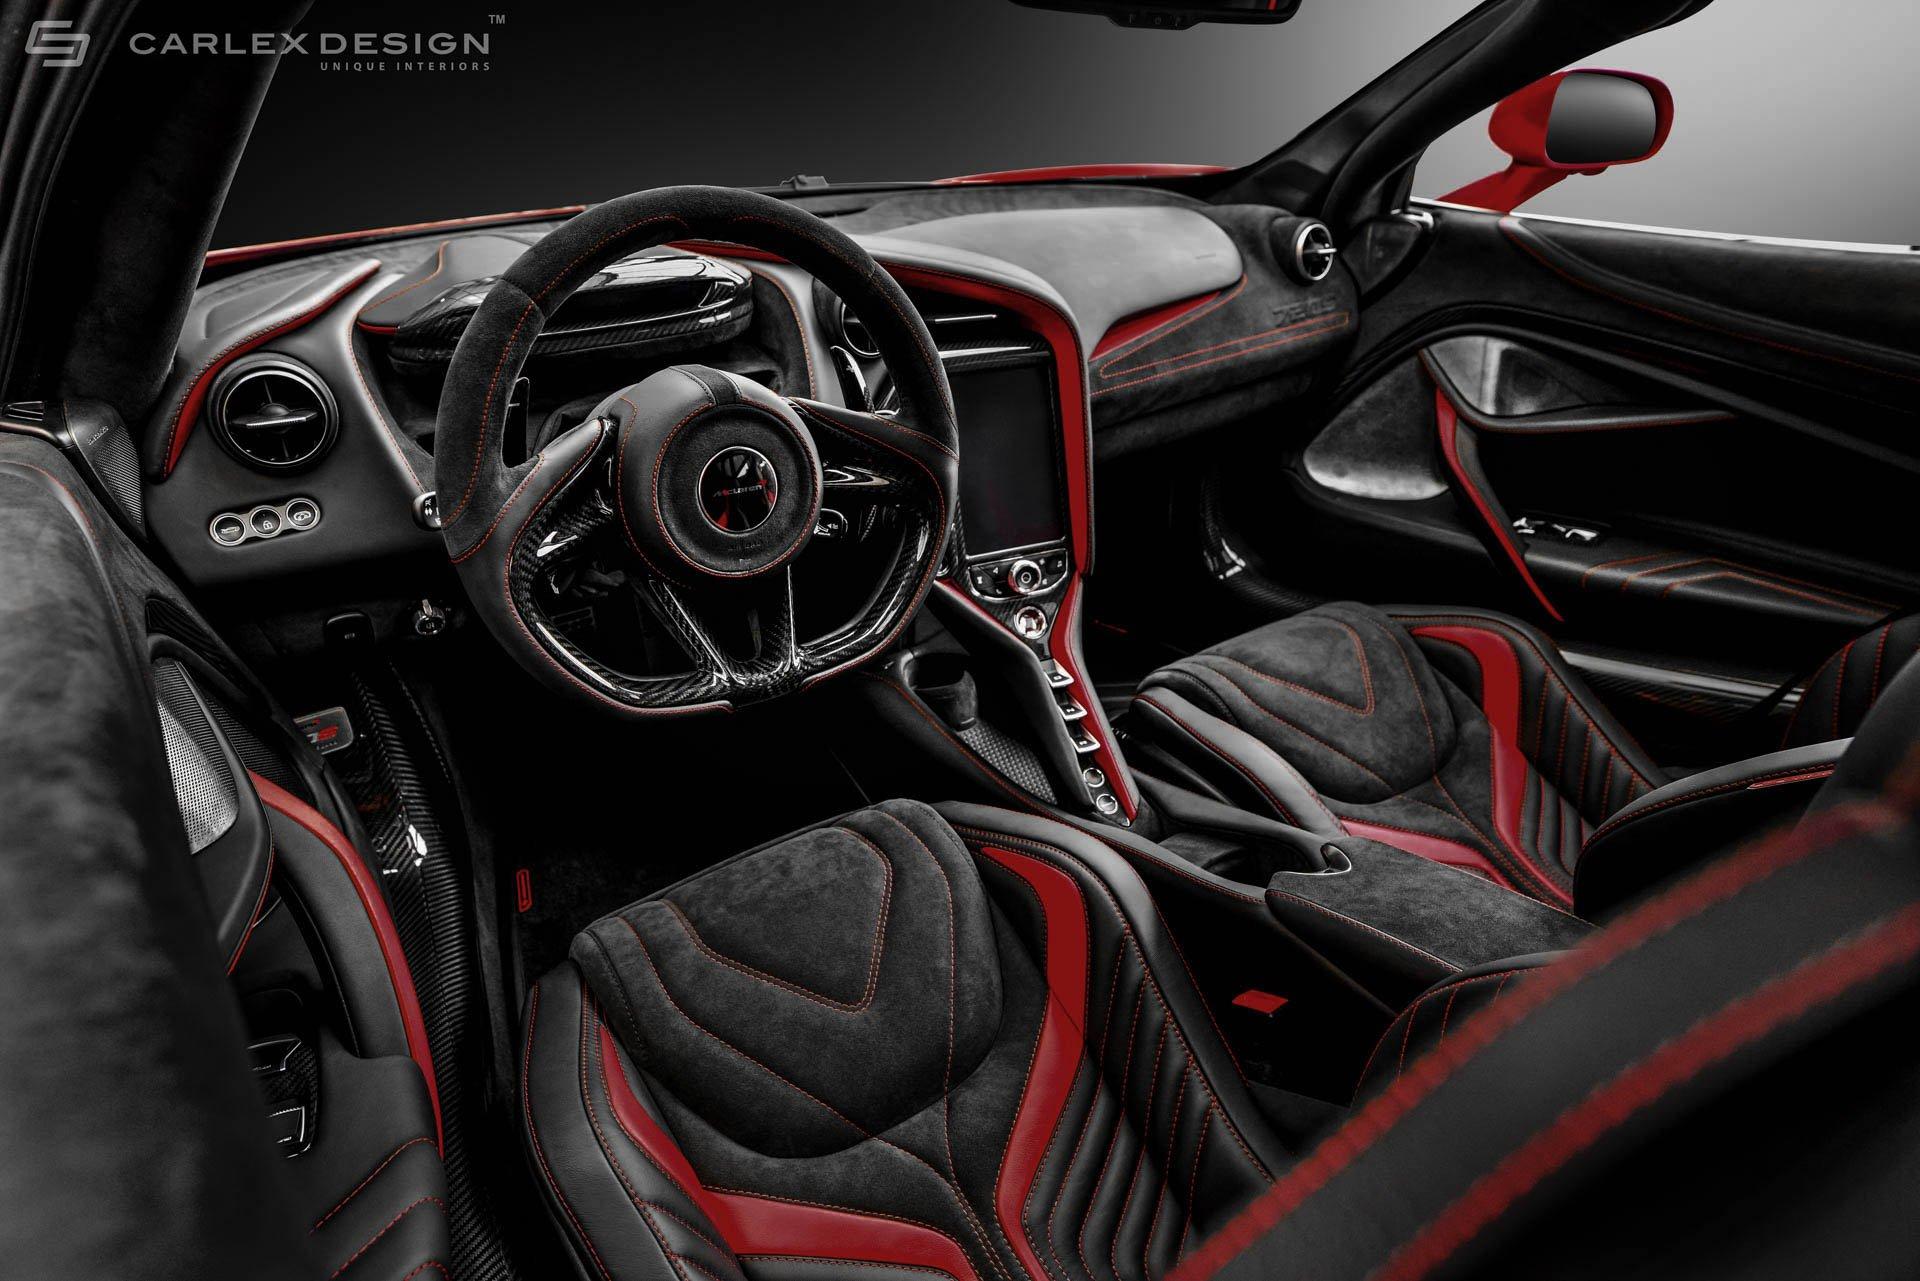 McLaren_720S_Carlex_design_0014